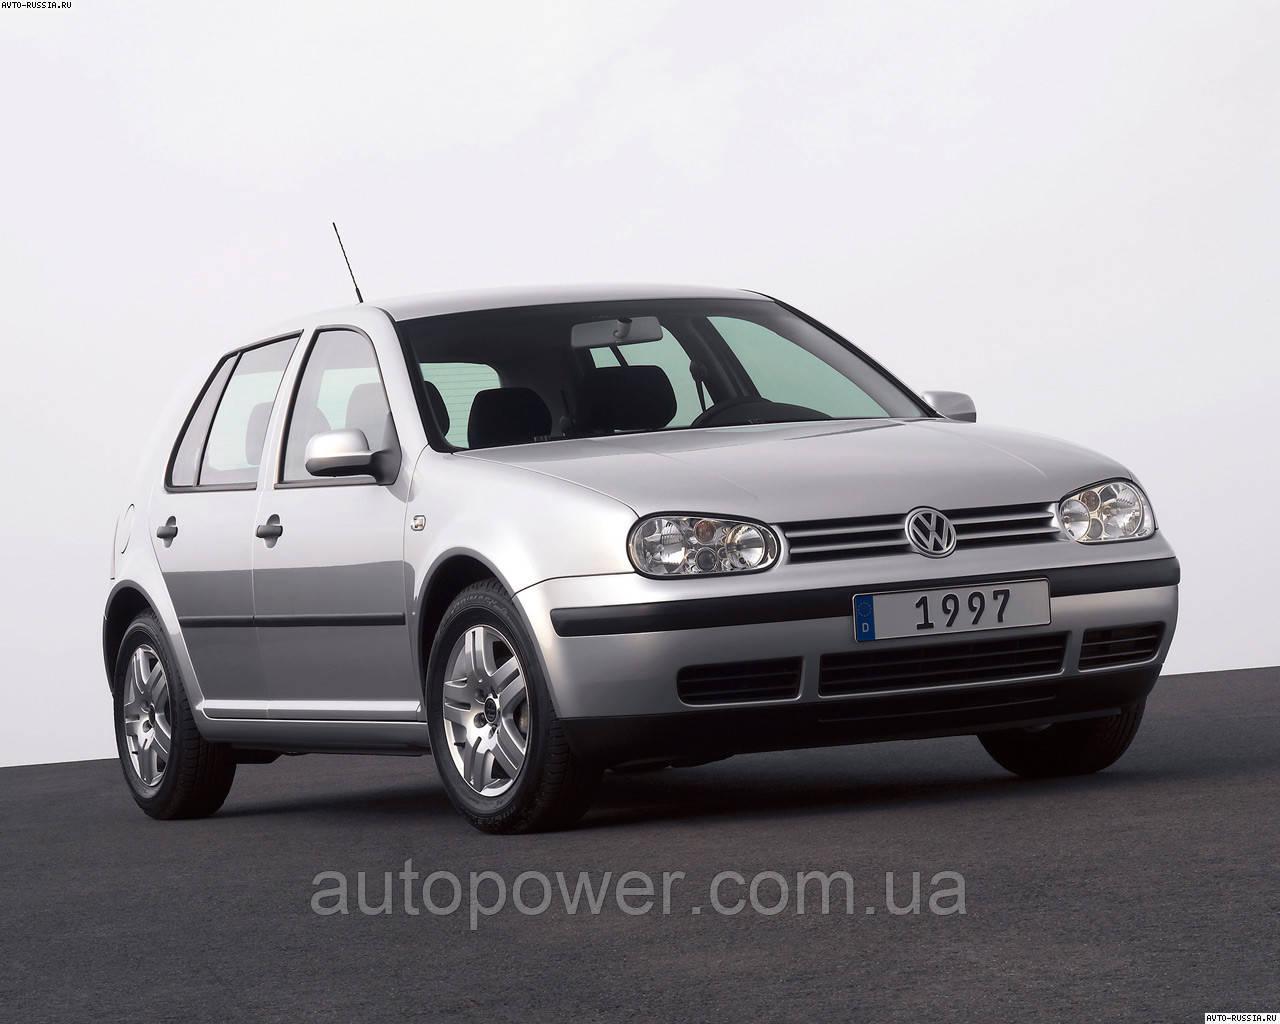 Фаркоп Volkswagen Golf 4 хетчбек (1997-2003)